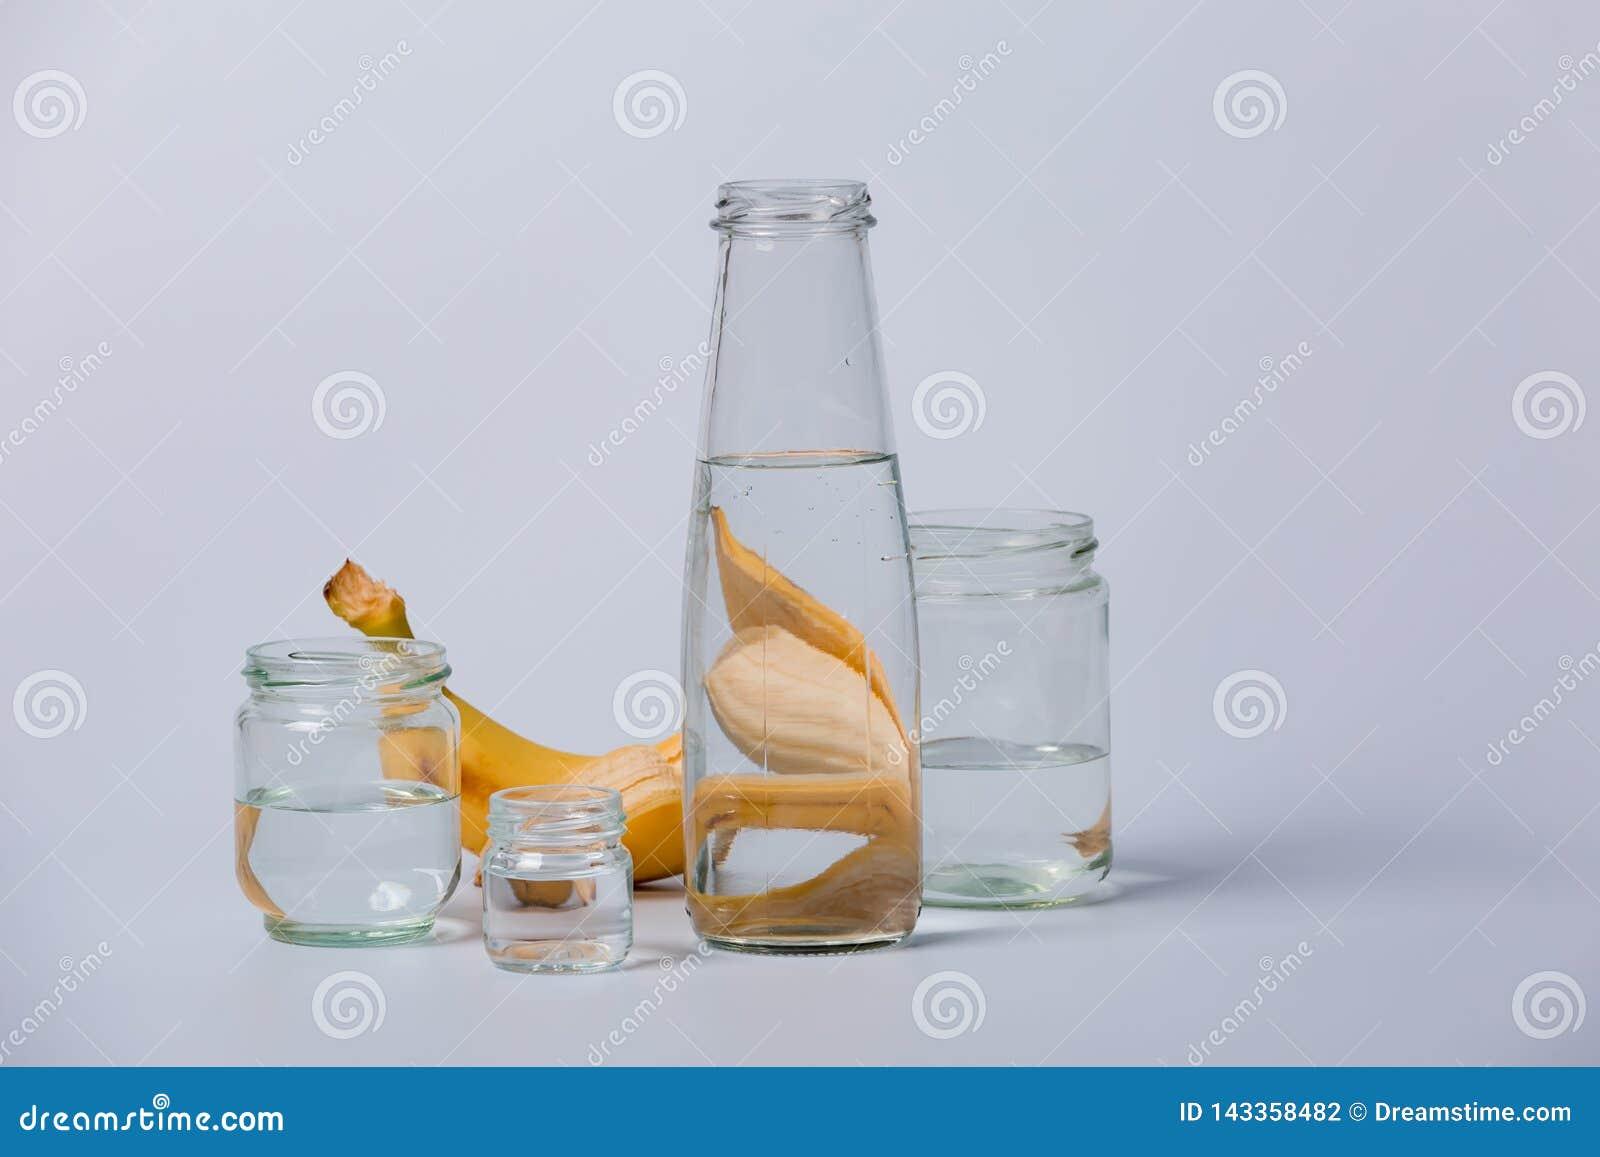 玻璃透明瓶和果子